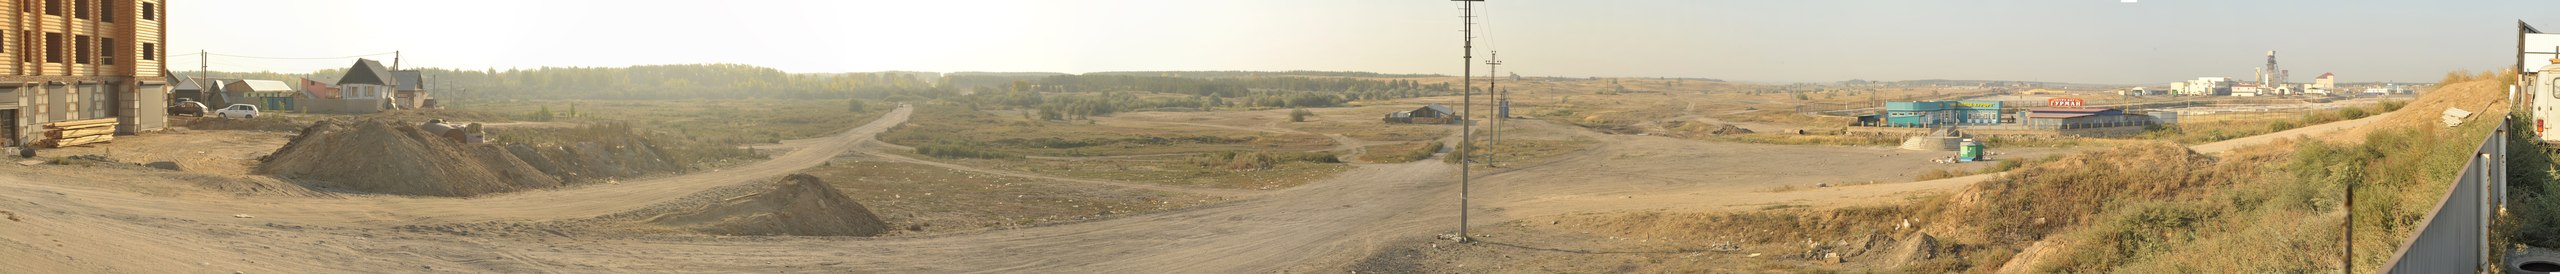 Вид на территорию проектируемого ТРК с южной окраины г. Соль-Илецка, ул. Комсомольская